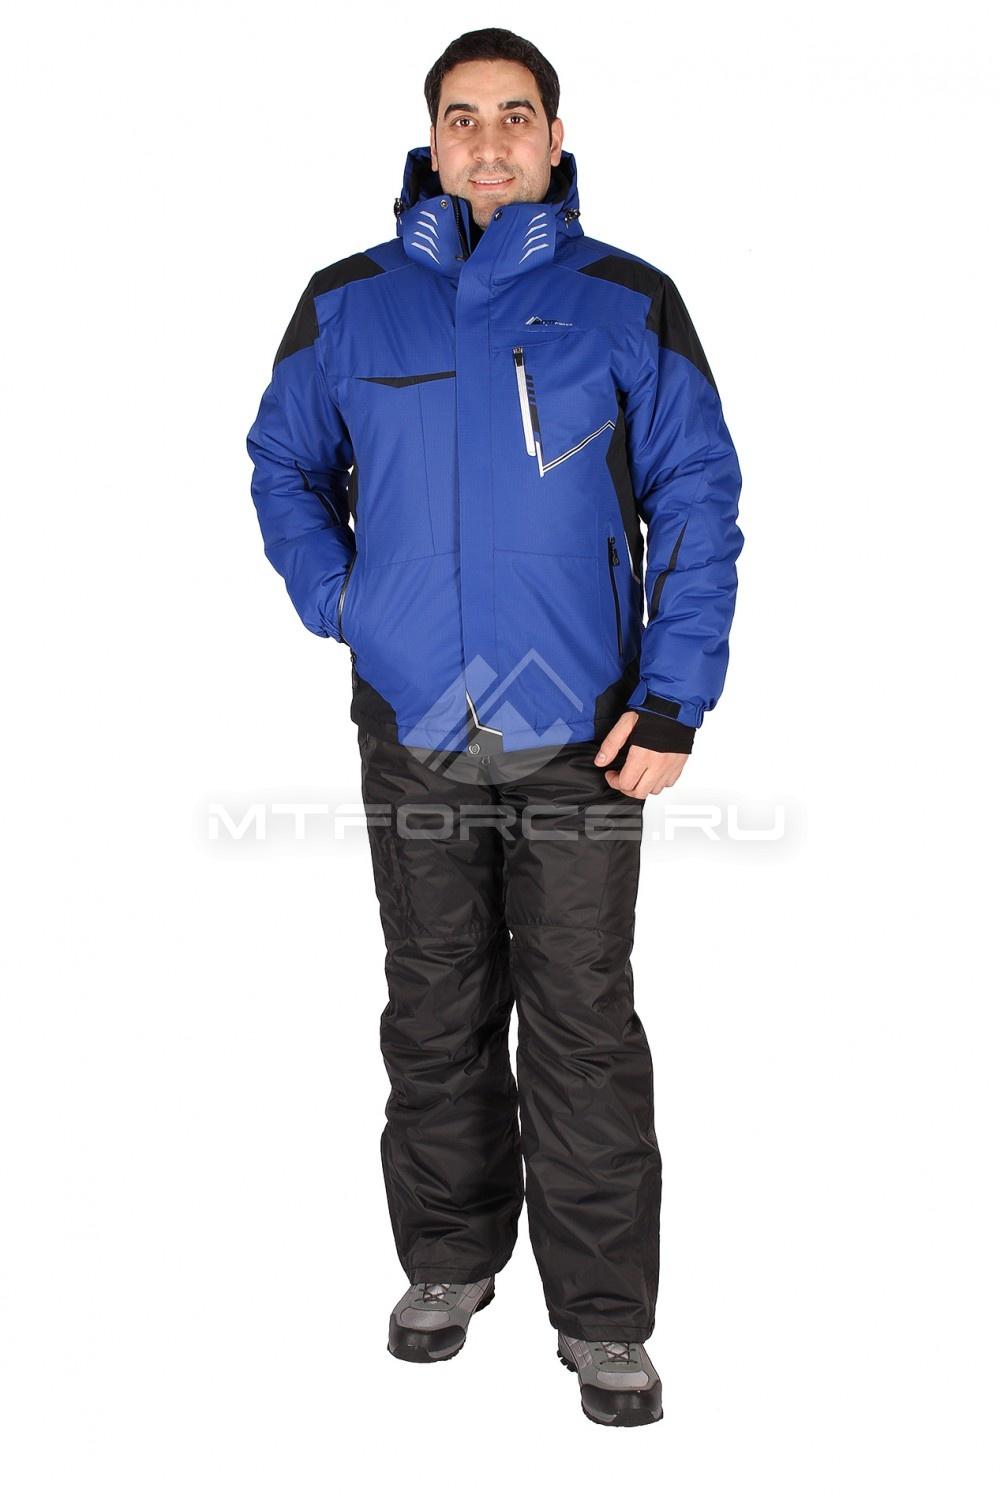 Купить                                  оптом Костюм горнолыжный мужской синего цвета 01553S